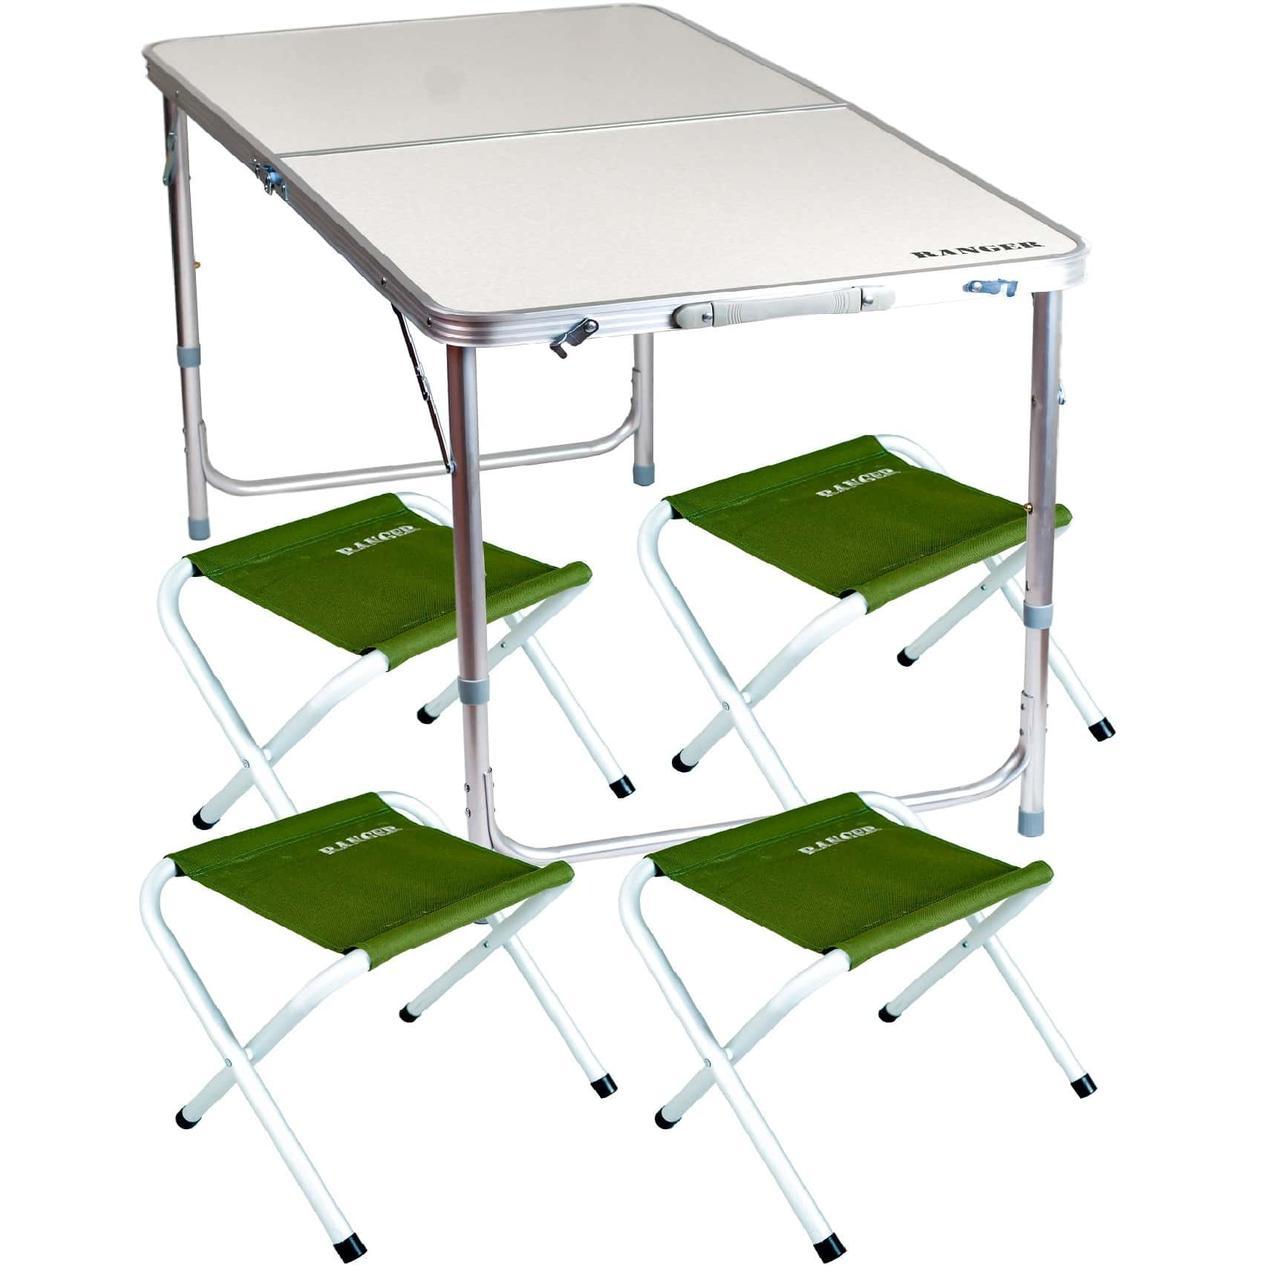 Комплект мебели складной Ranger ST 402, раскладной стол, туристический стол, стол для пикника